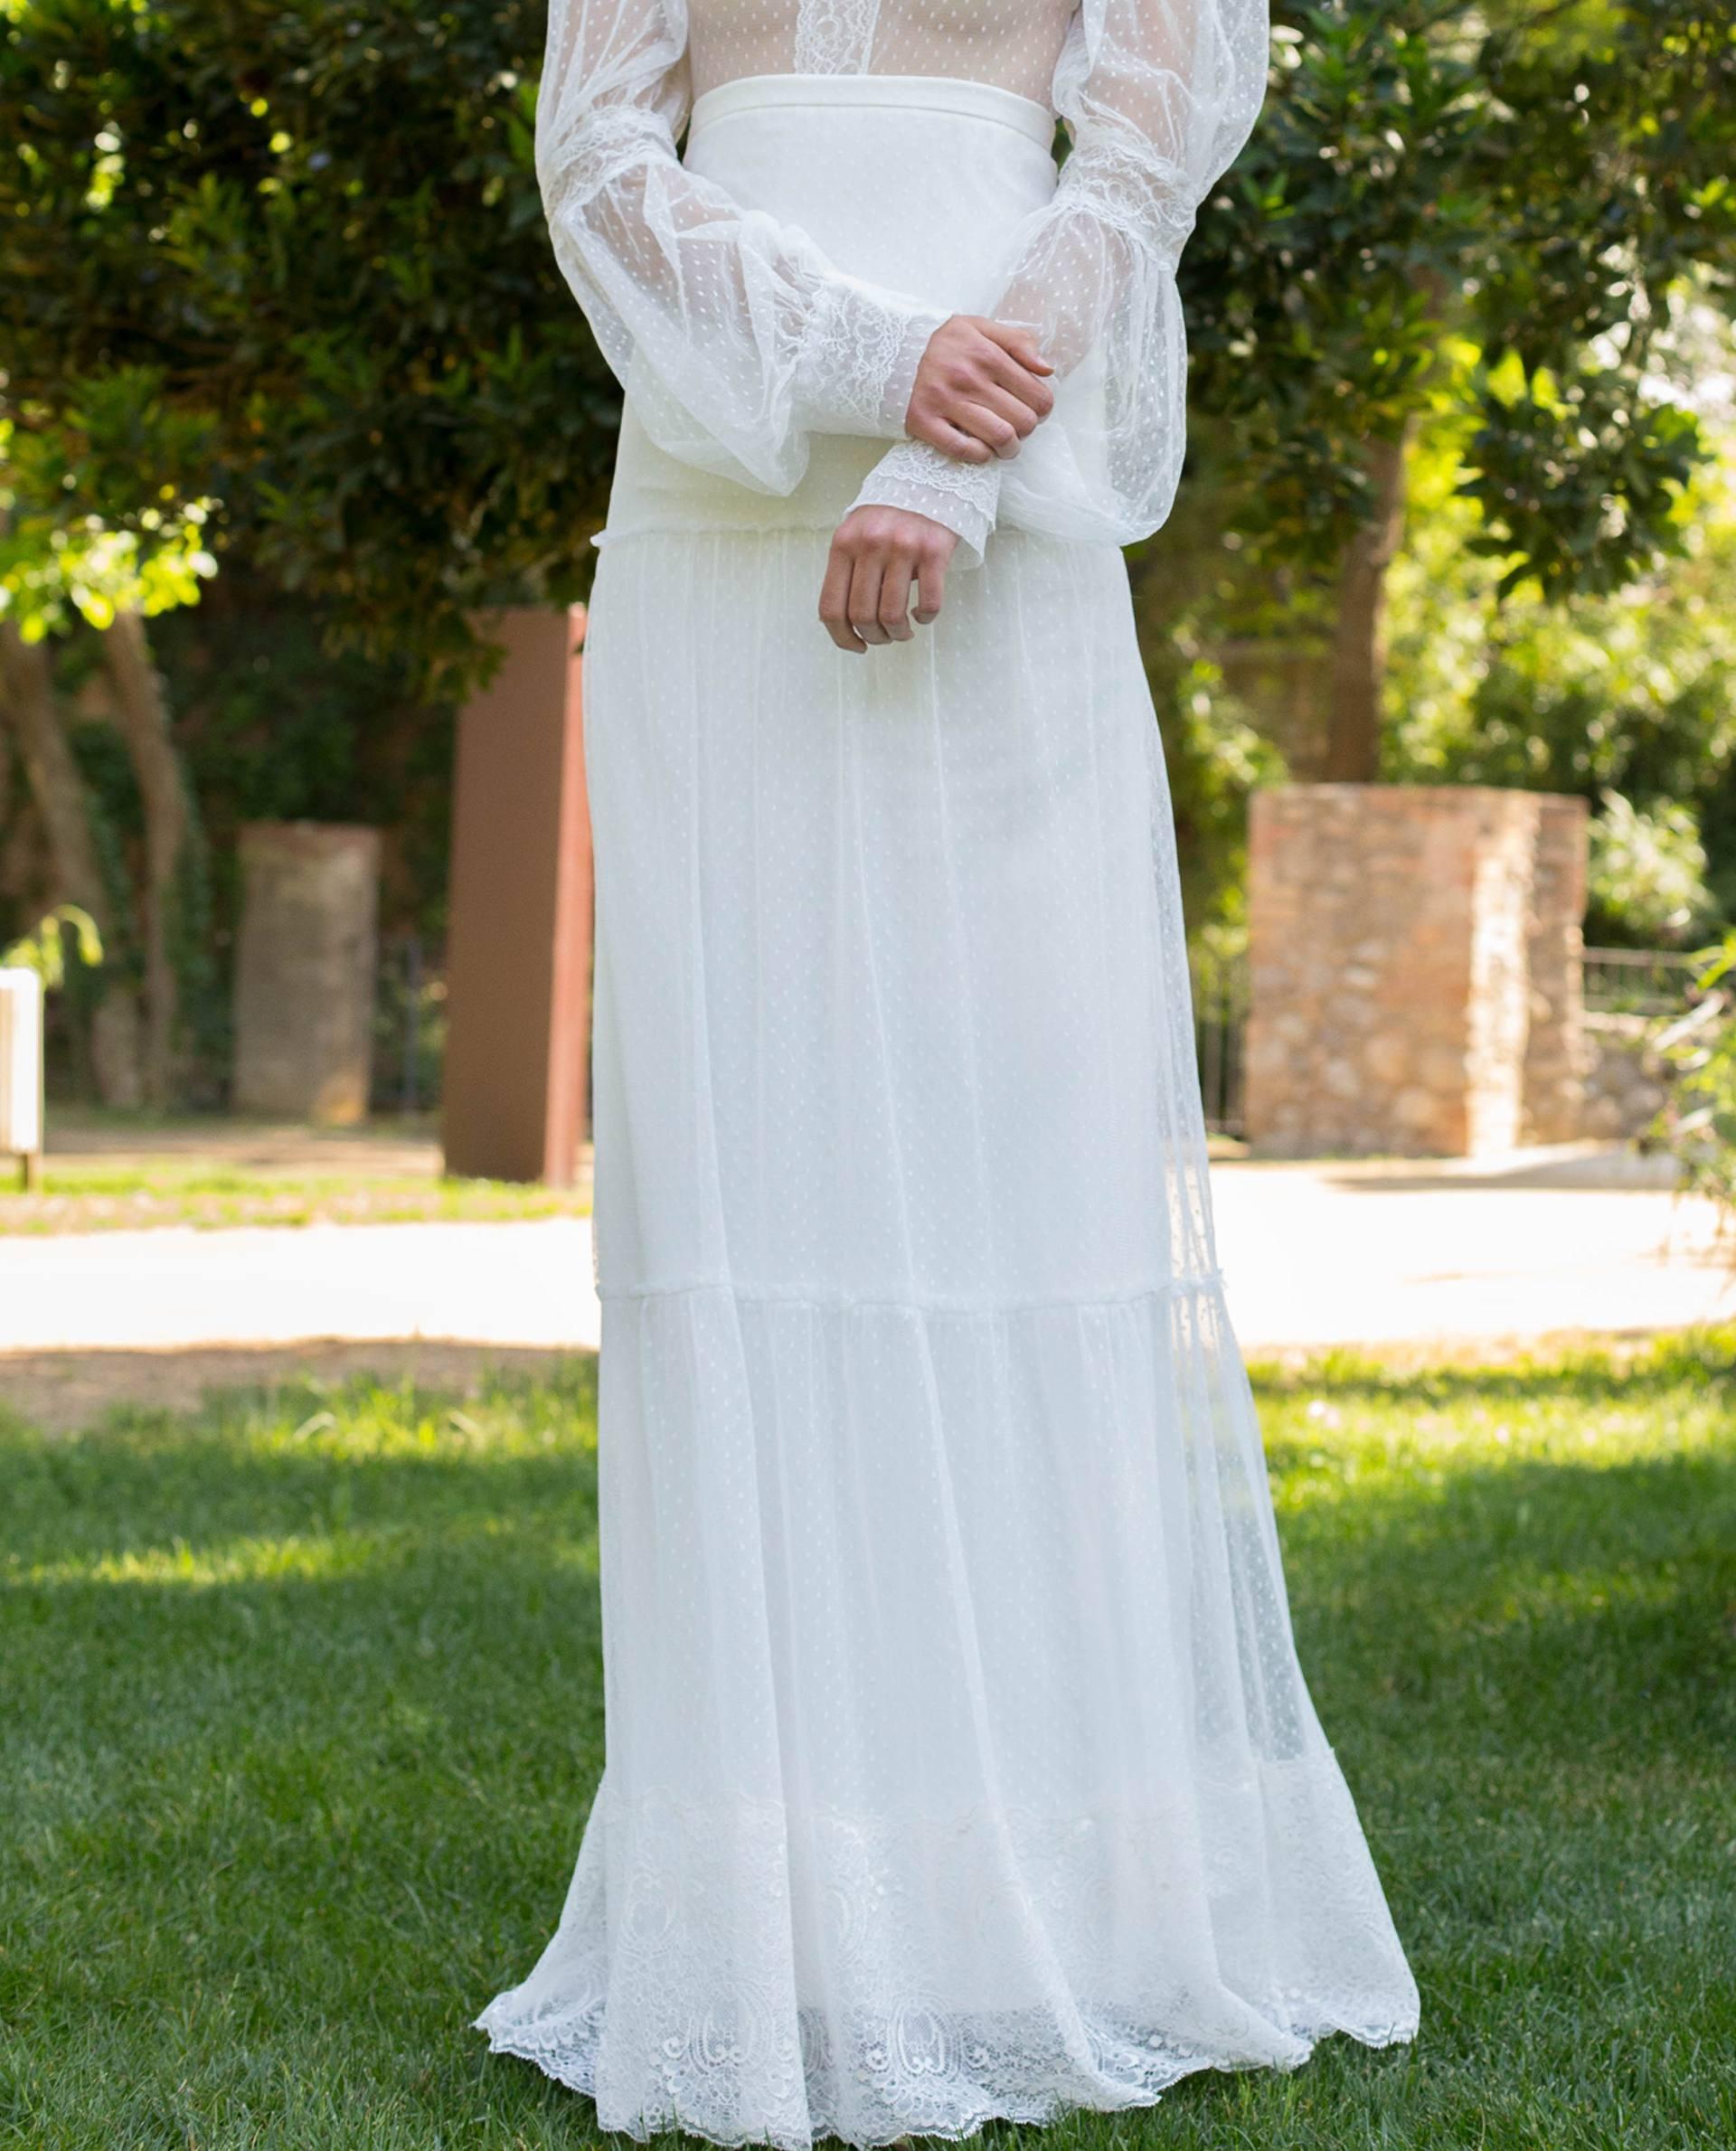 BRIDAL-NATURE 2017/18 - FALDAS - Conjunto falda Elena con cuerpo Victoria